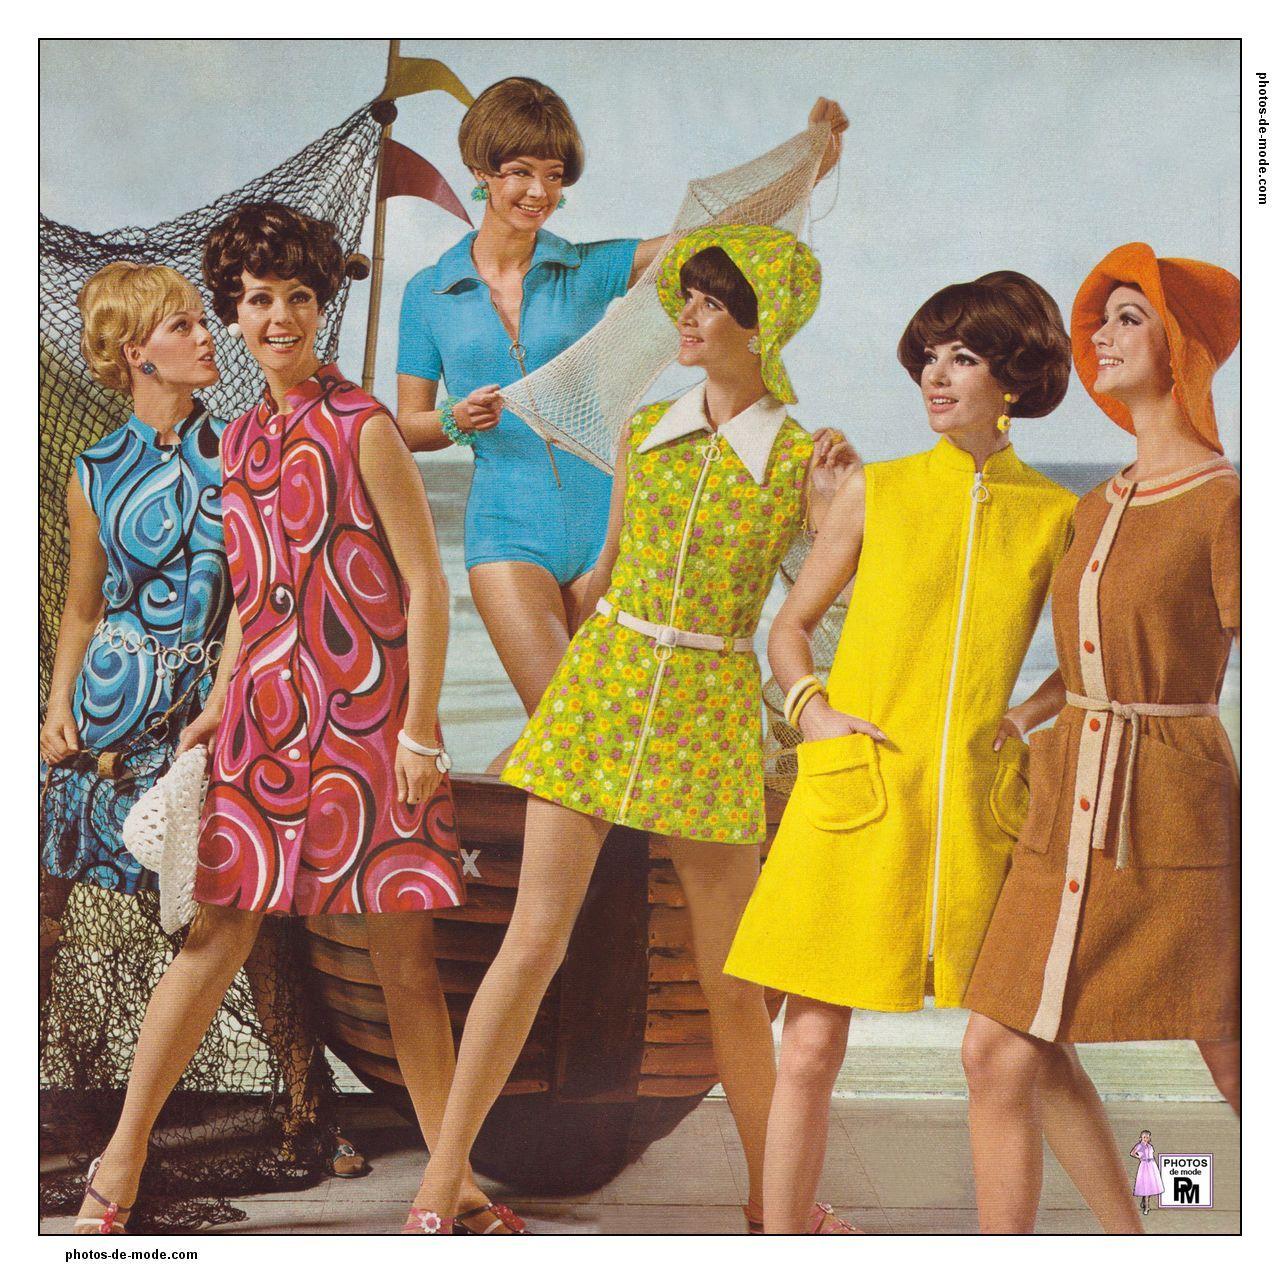 mode années 60 1968-1-ne-0014.jpg | 1960 - 1970 Mode | Pinterest